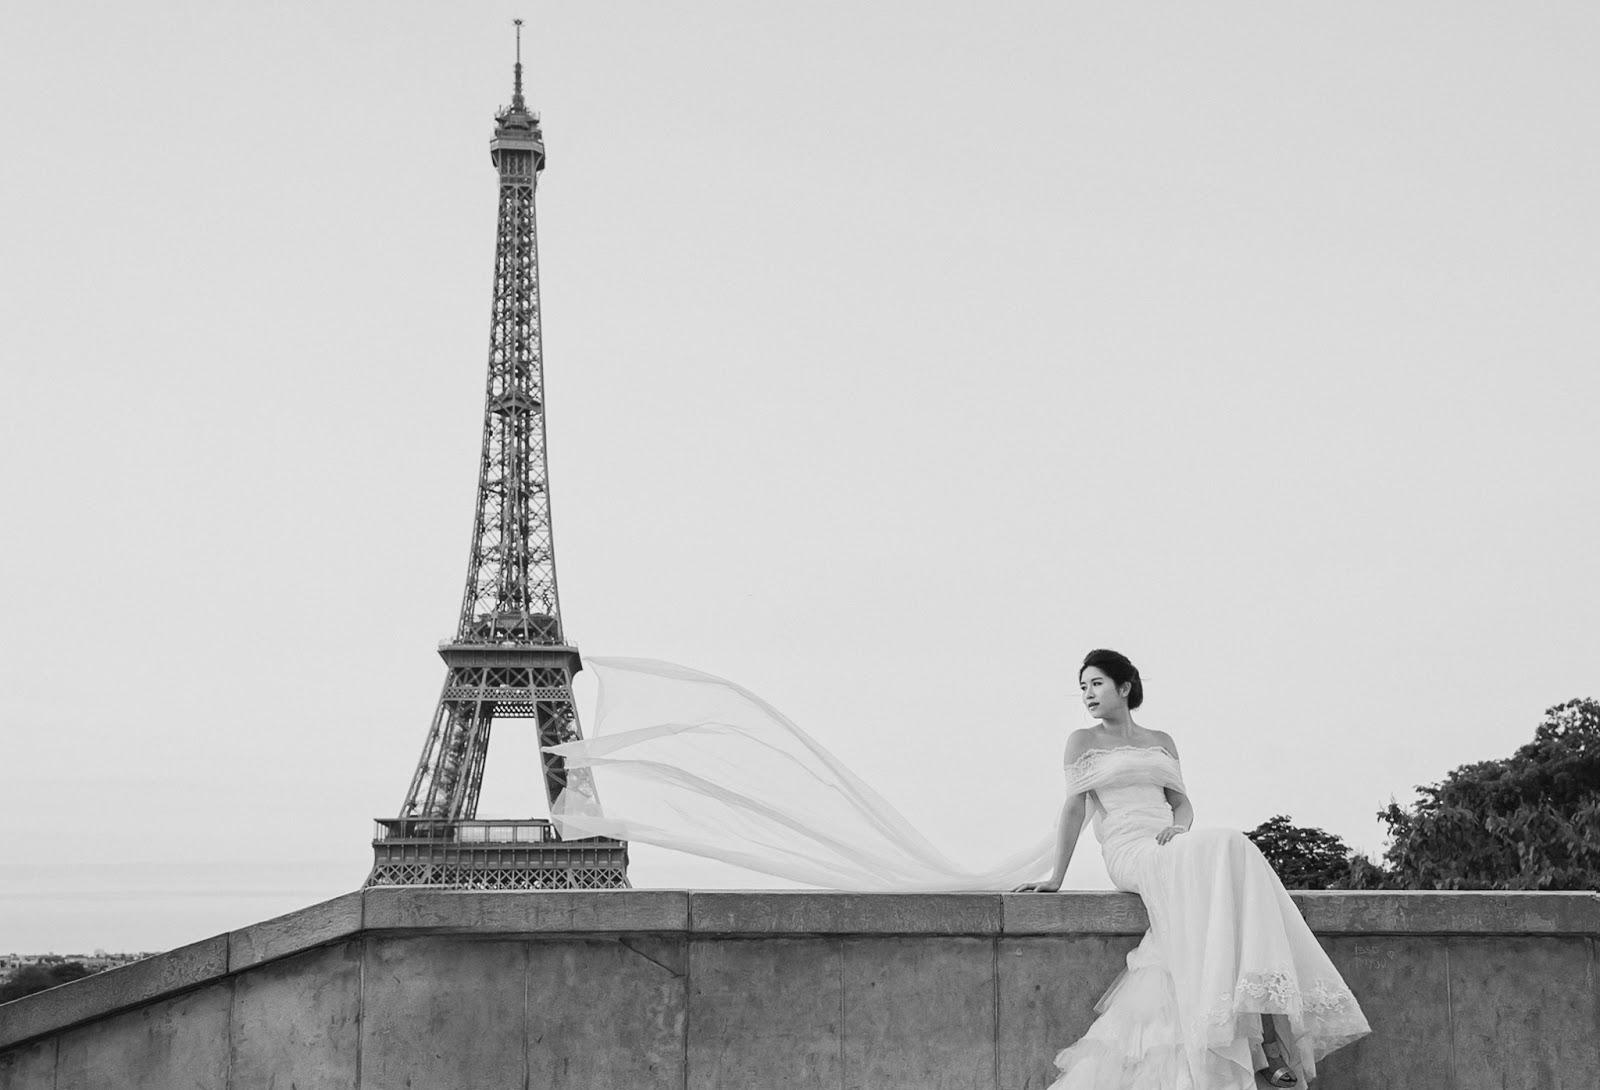 台中新秘, 自助婚紗, 海外婚紗, 新娘秘書, 新娘髮型, 新秘, 新秘阿桂Dabby, 新秘推薦, 法國巴黎, 法國海外婚紗,